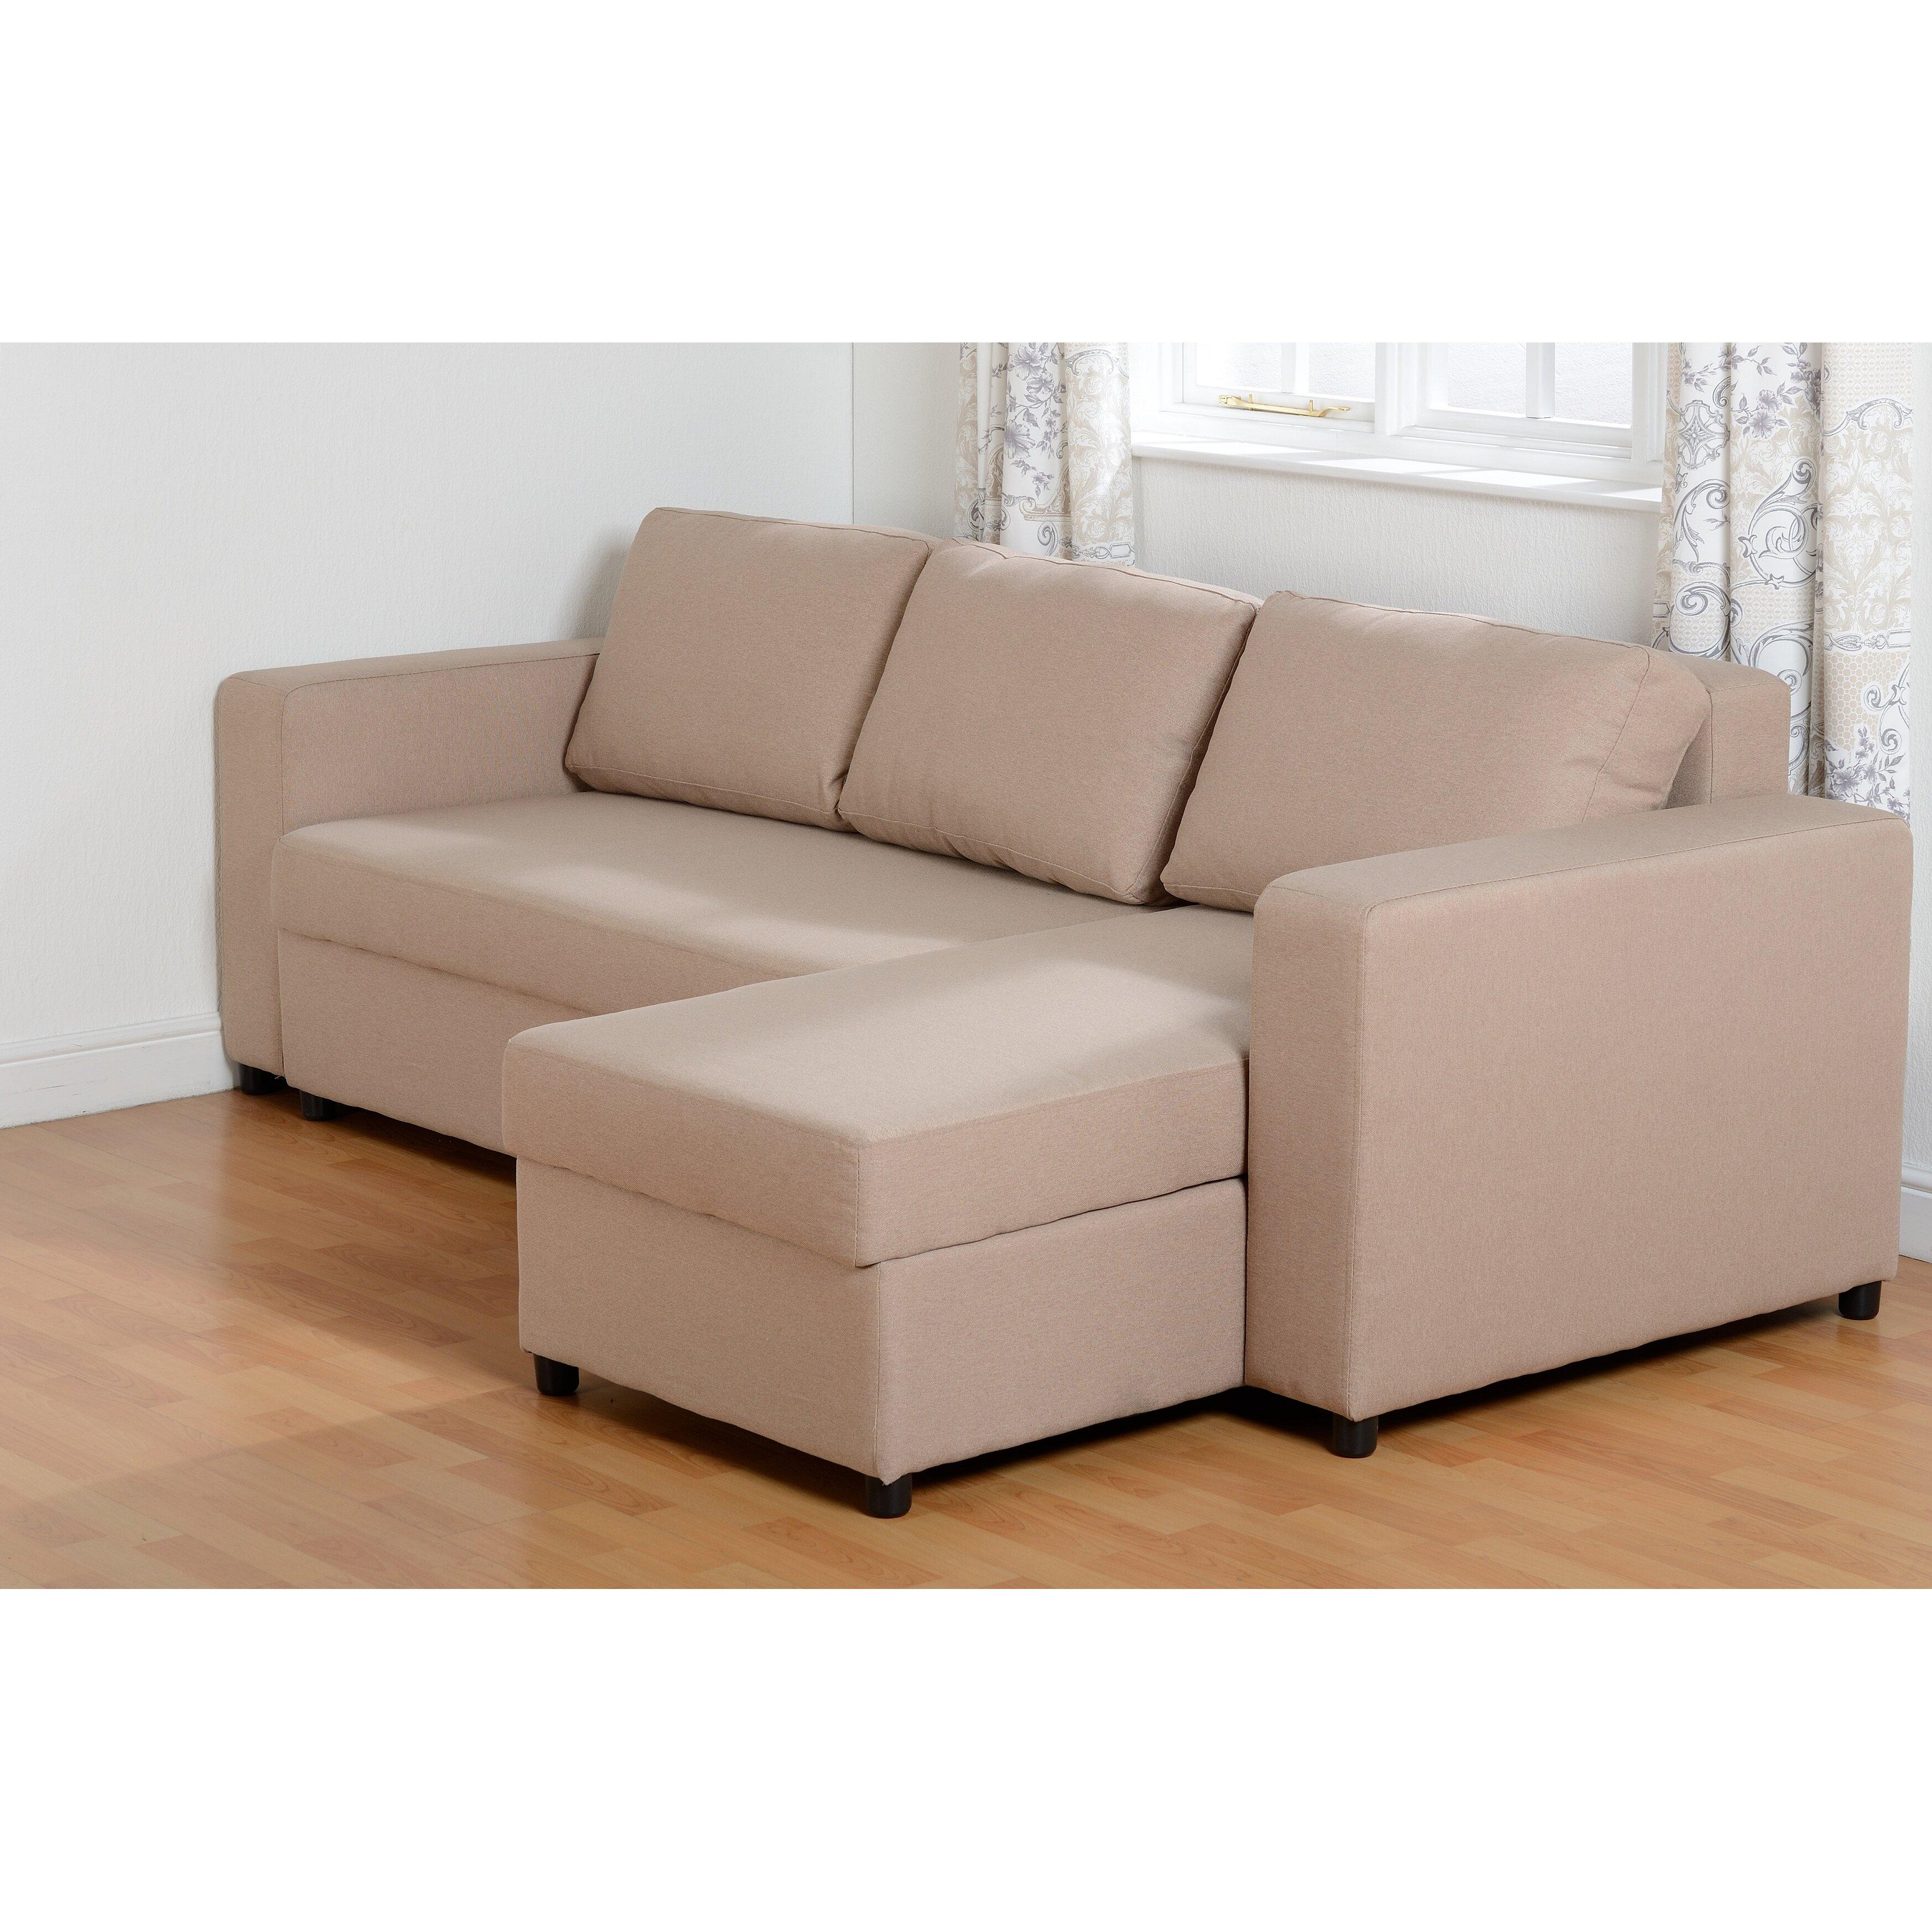 home loft concept ecksofa amal mit bettfunktion. Black Bedroom Furniture Sets. Home Design Ideas